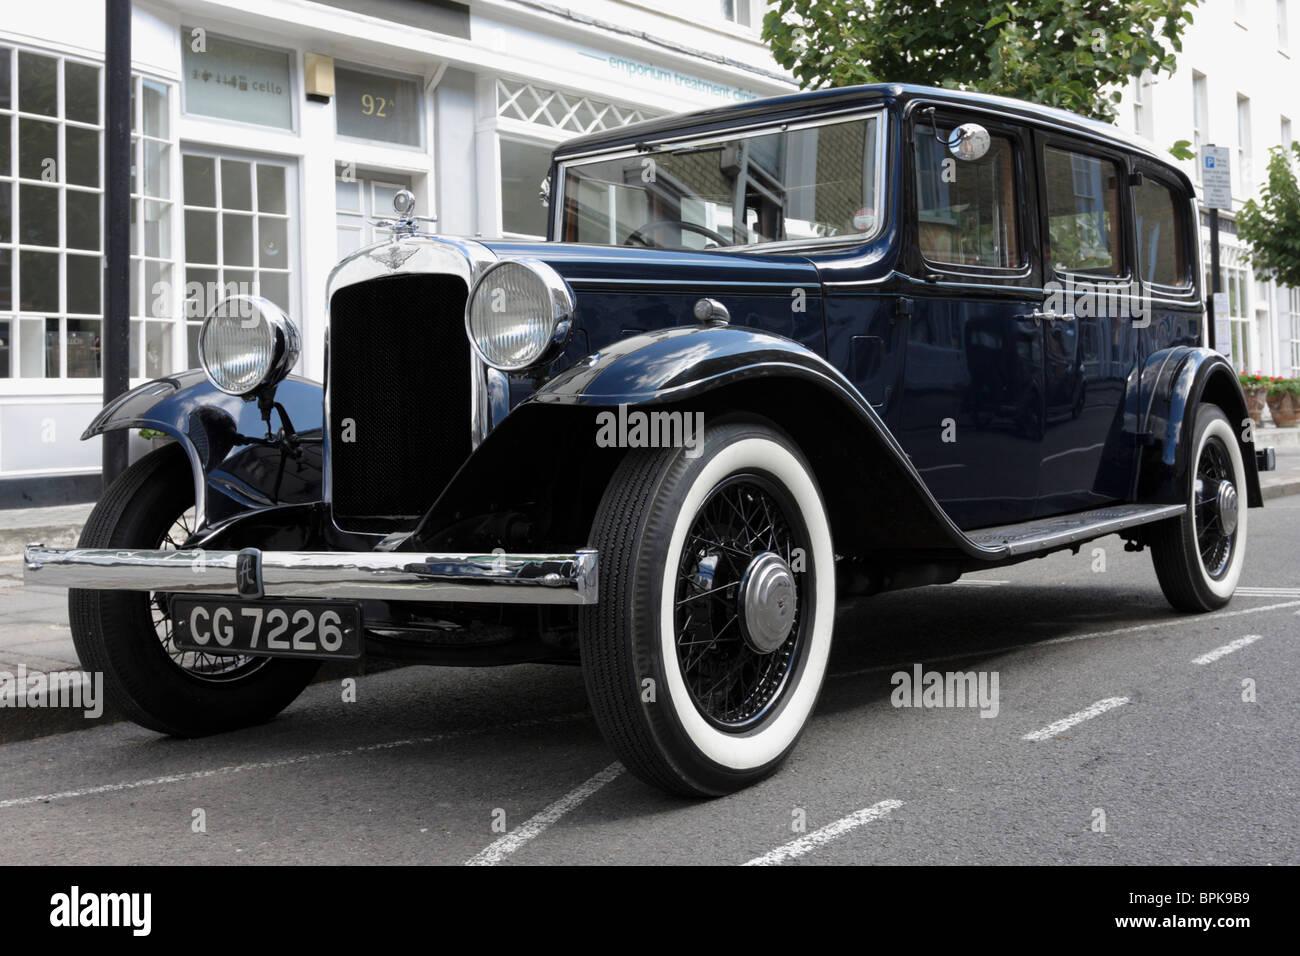 Wunderbares Beispiel für eine 1930er Fahrzeug, glaube ich, dass es eine zu große sechs Austin, verändern Stockbild